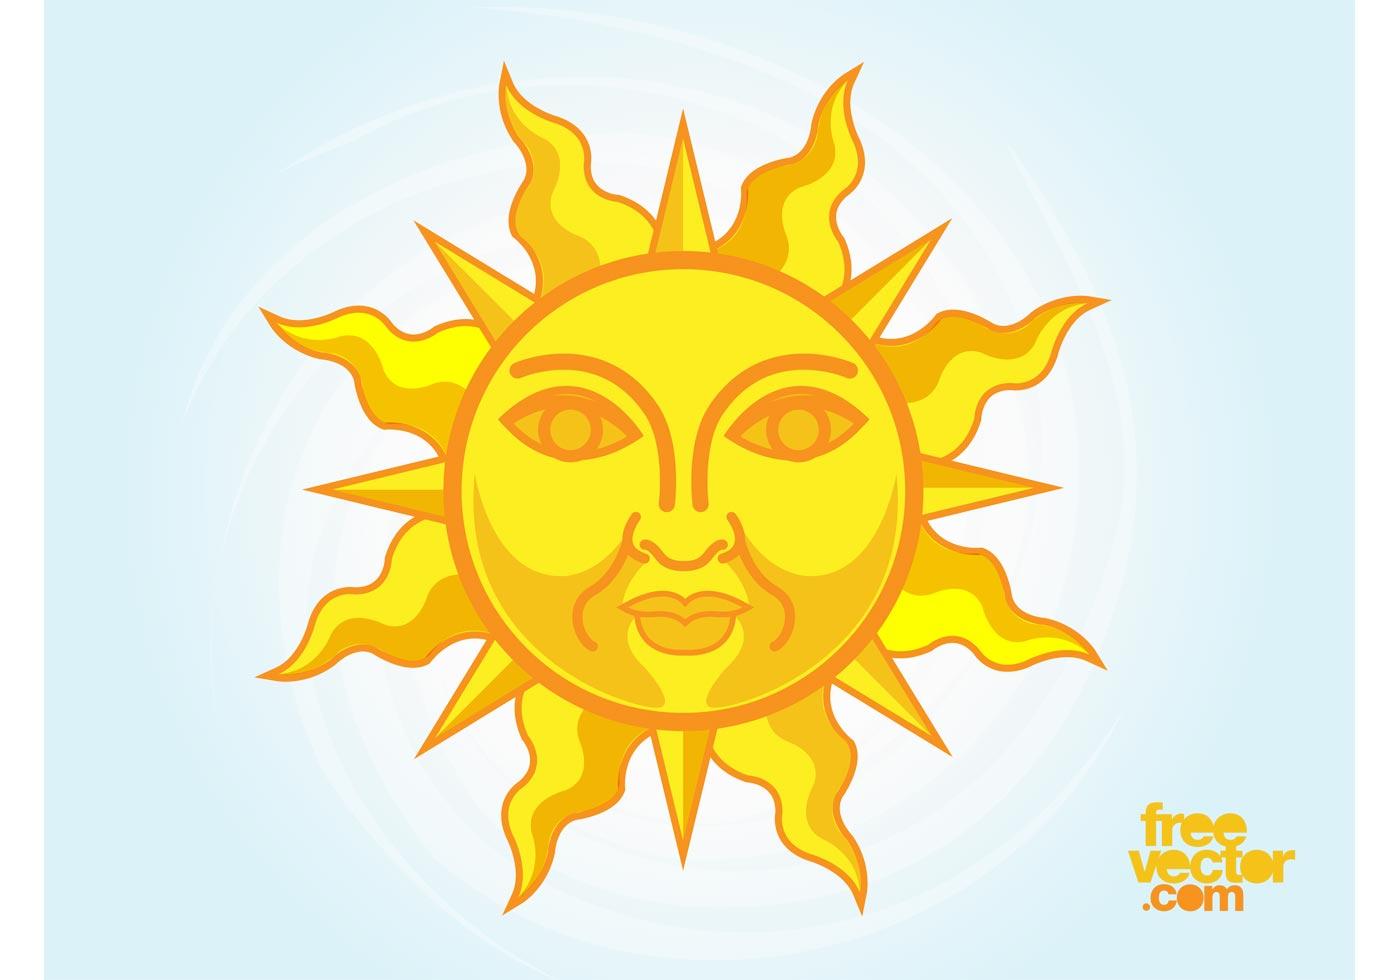 Sun Rays Free Vector Art.